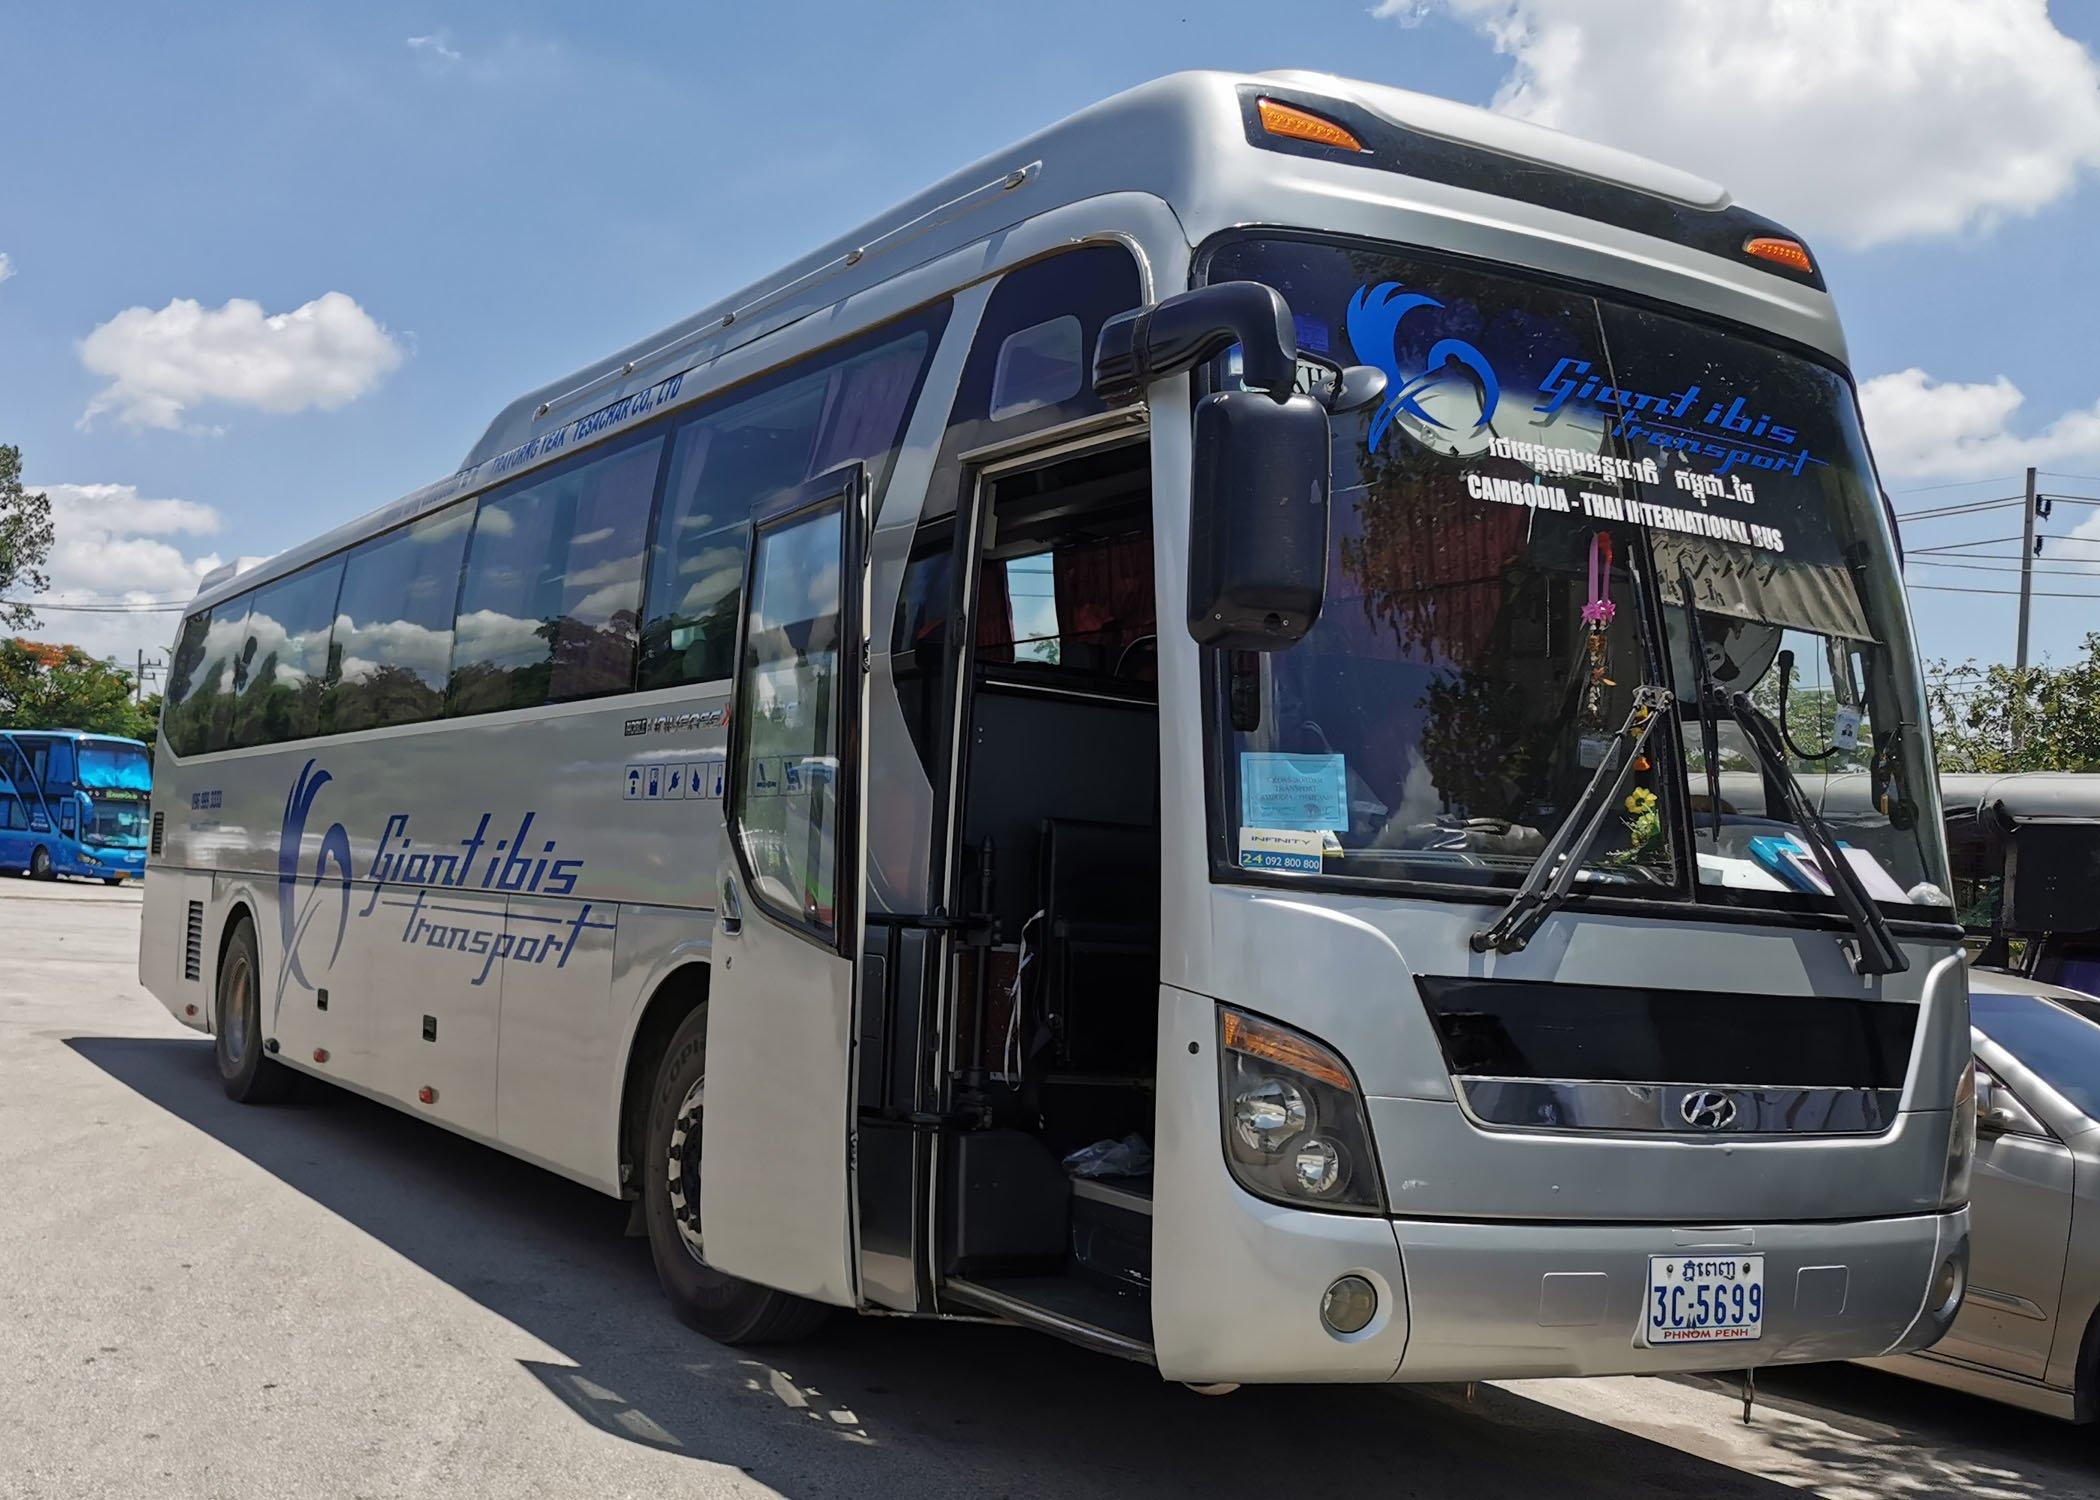 Bangkok to cambodia casino bus unicorn slot machines